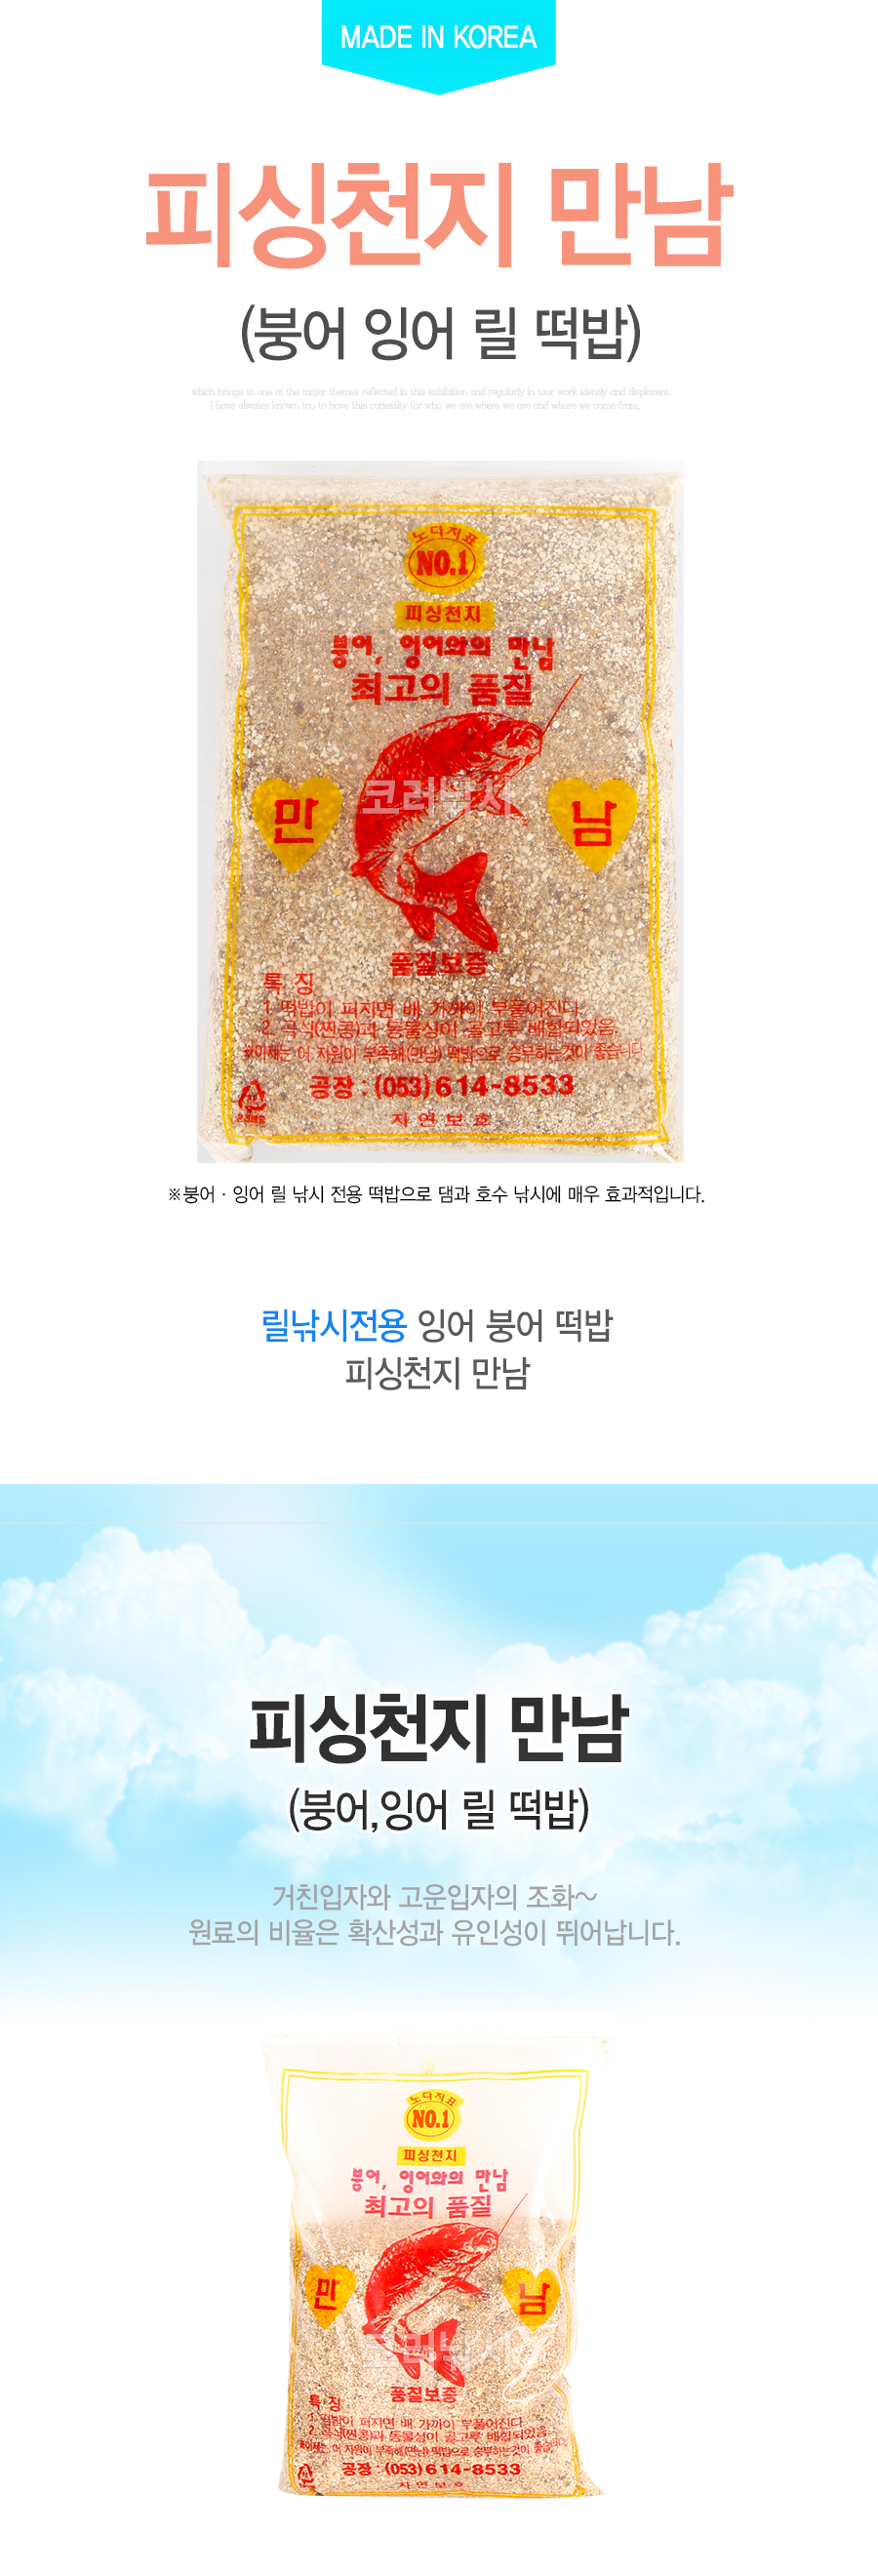 피싱천지 만남 (붕어 잉어 릴 떡밥) 잉어떡밥낚시 잉어릴낚시 붕어릴낚시 민물릴낚시